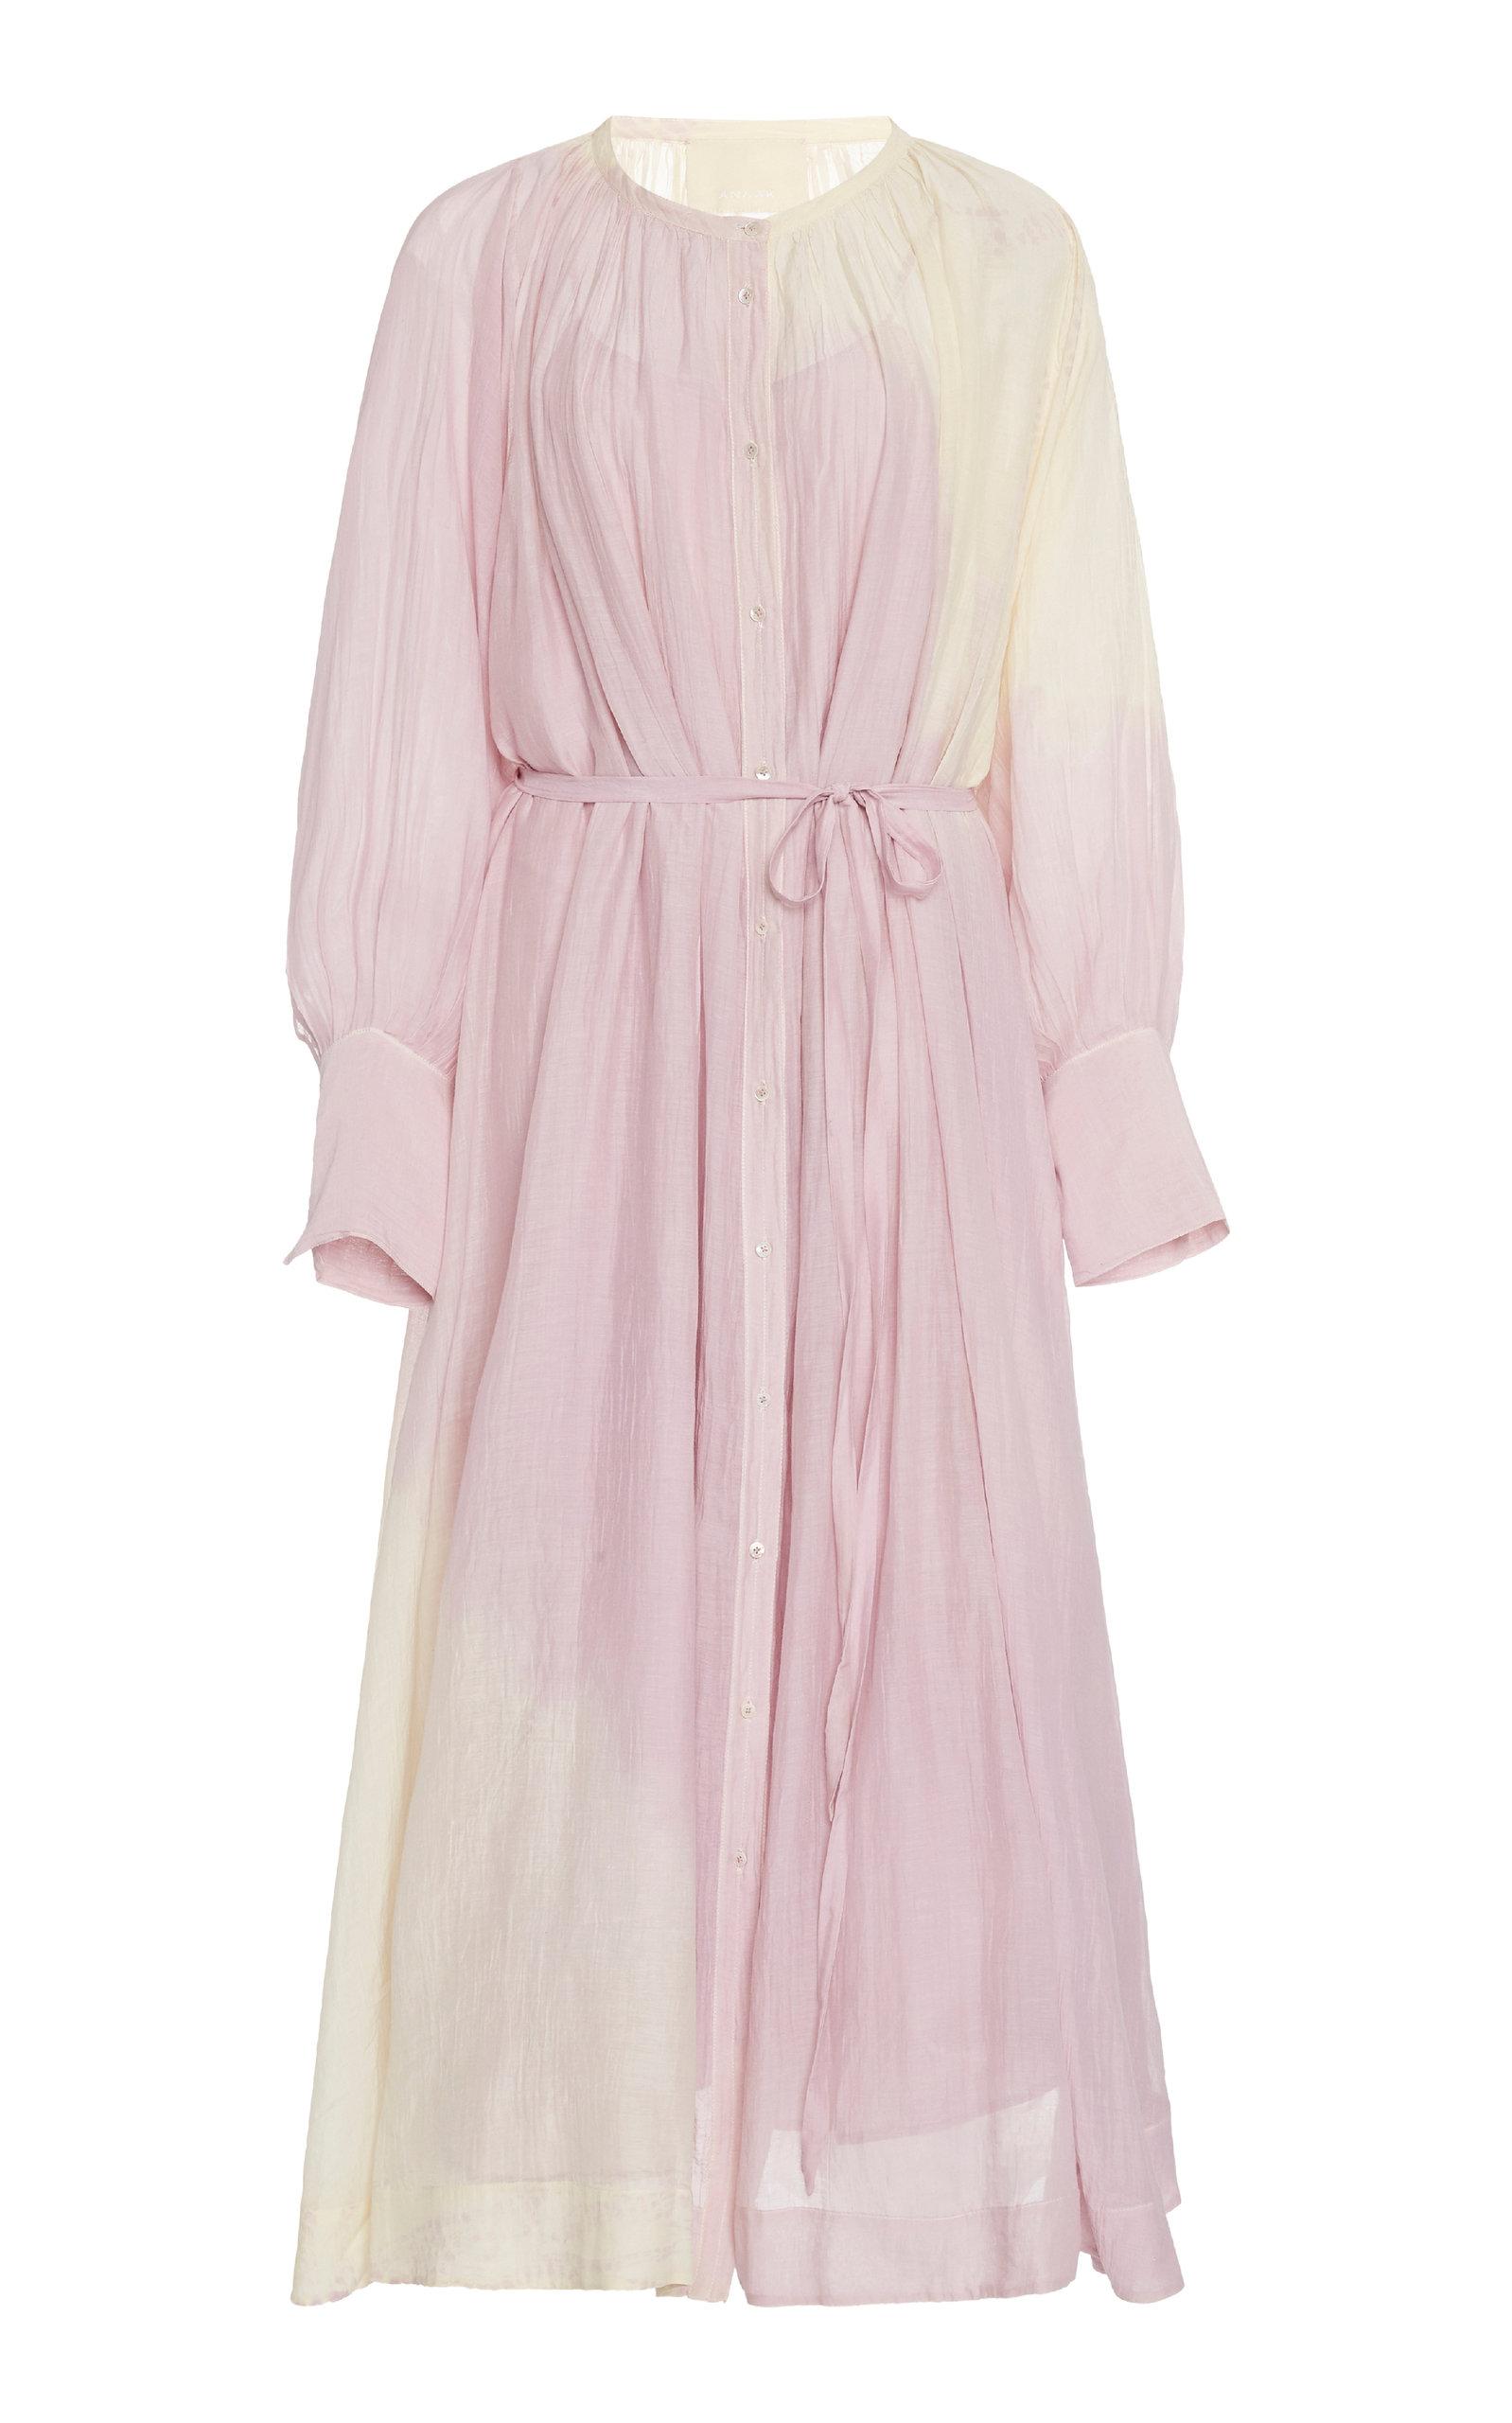 Buy Anaak Raj Cotton Midi Dress online, shop Anaak at the best price